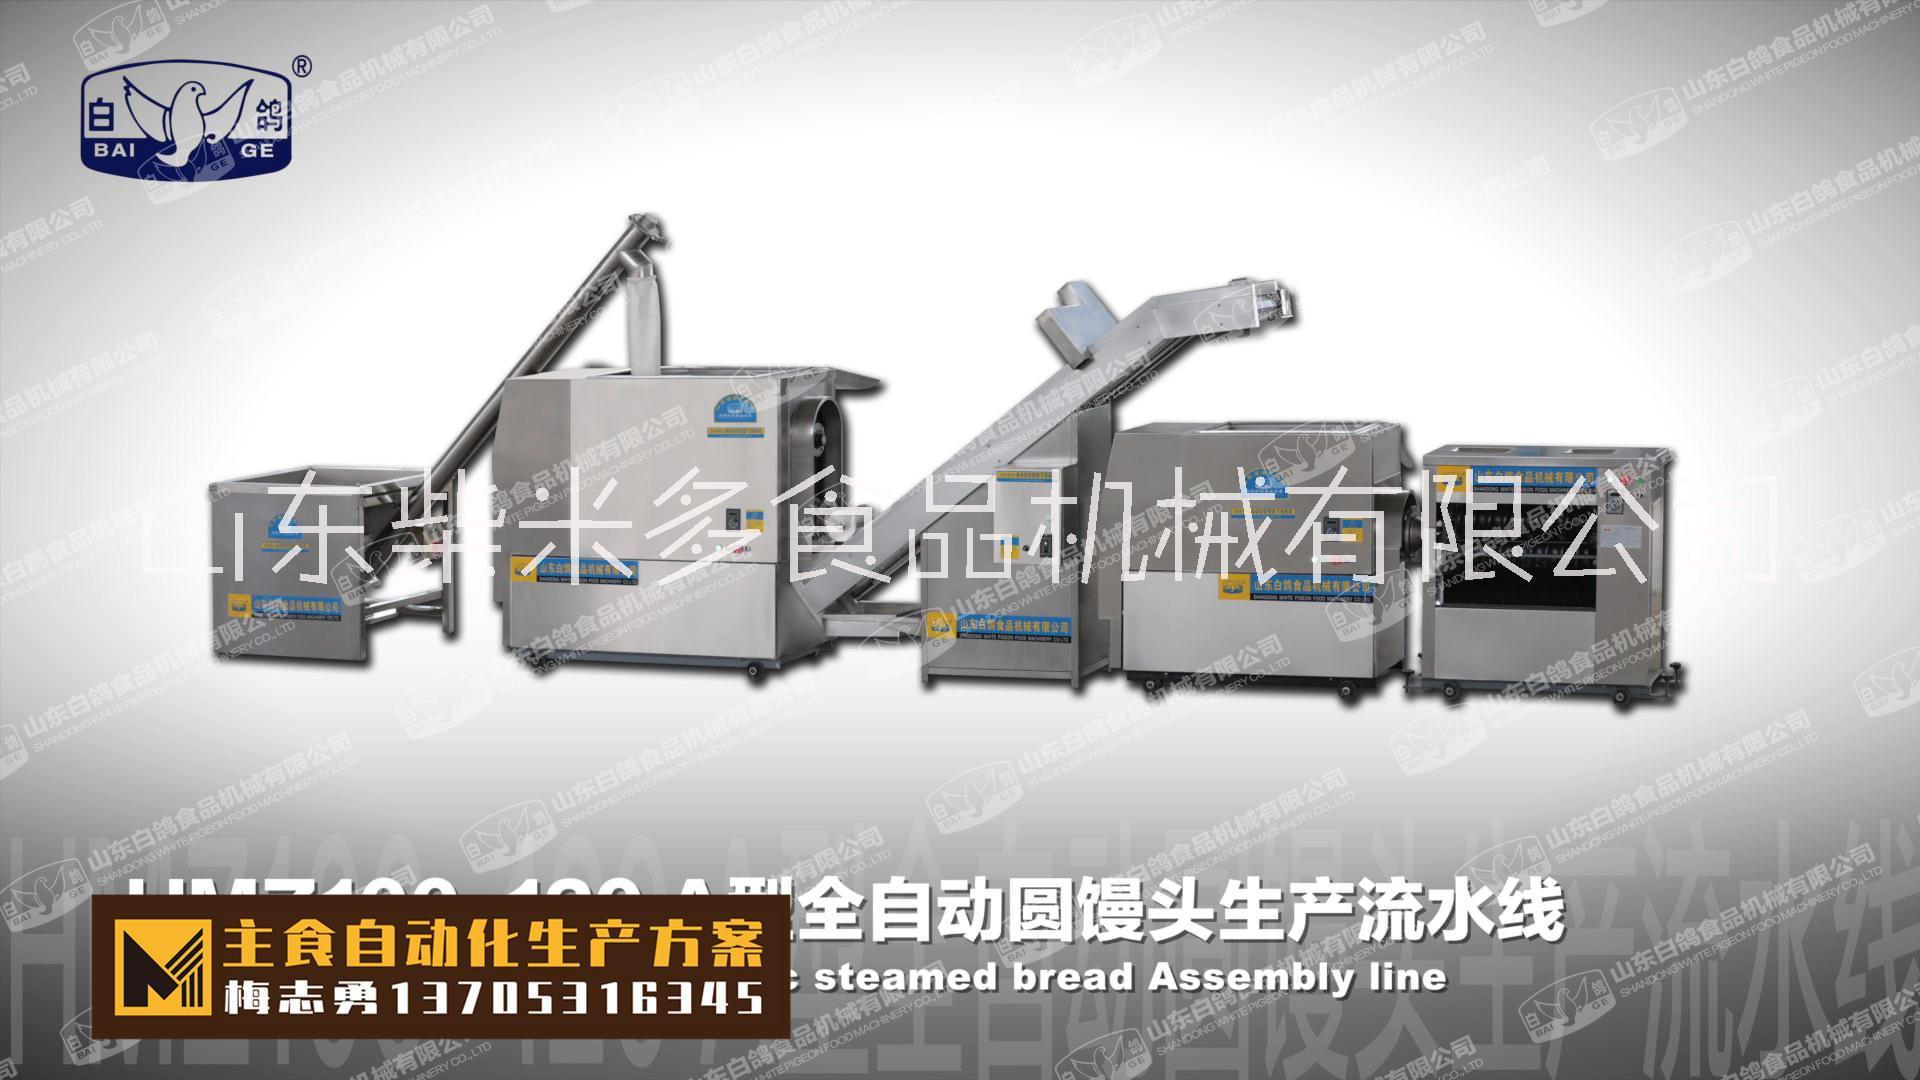 白鸽120型智能仿手工馒头生产线40-500g定制型圆馒头生产线